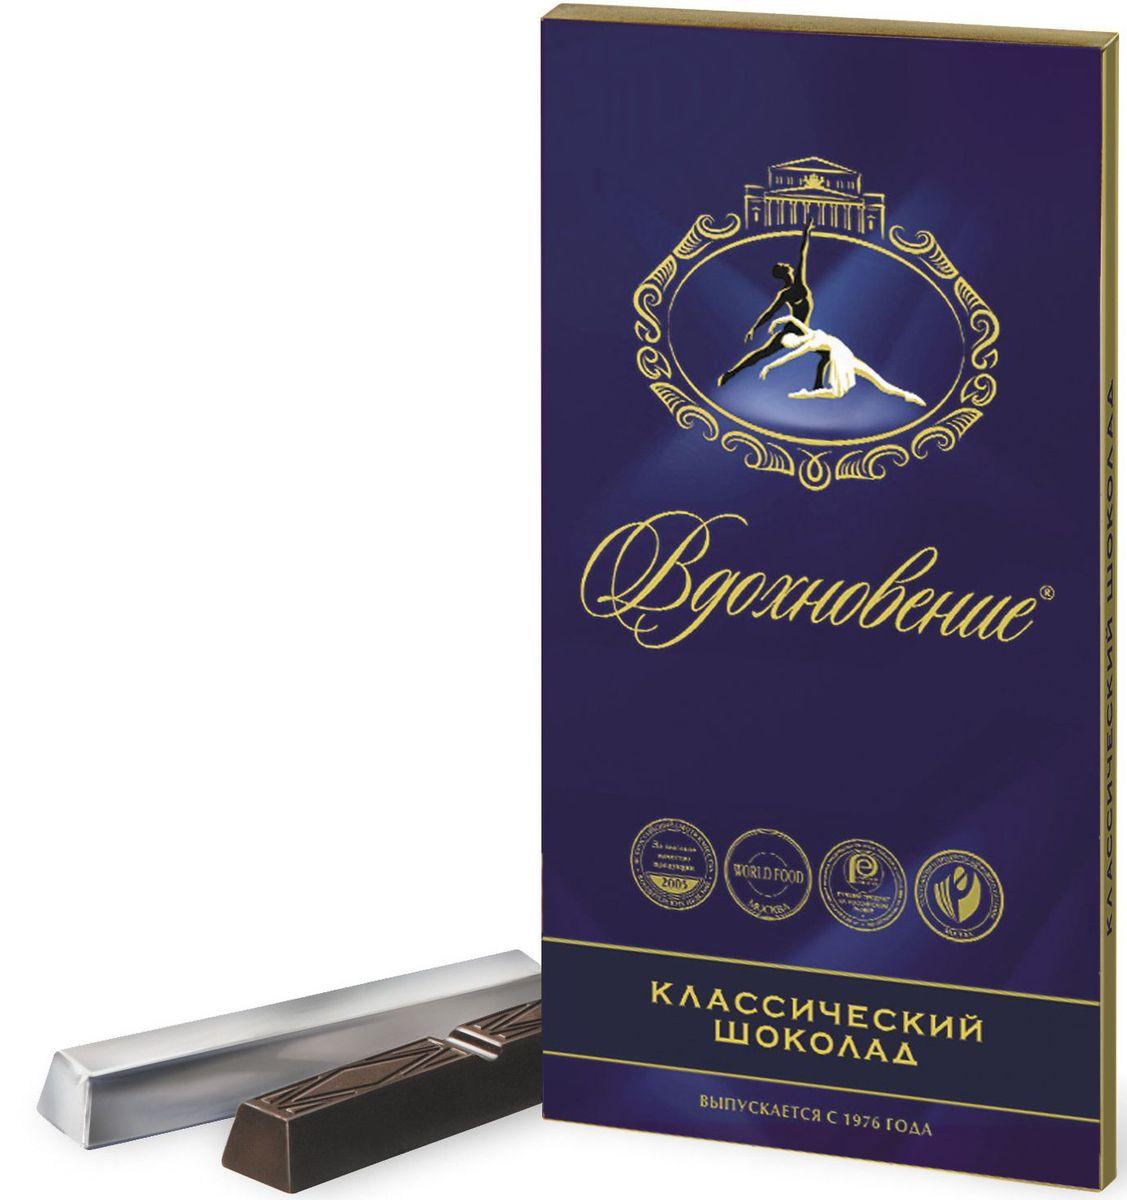 Бабаевский Вдохновение классический горький шоколад, 100 г ritter sport мята шоколад темный с мятной начинкой 100 г